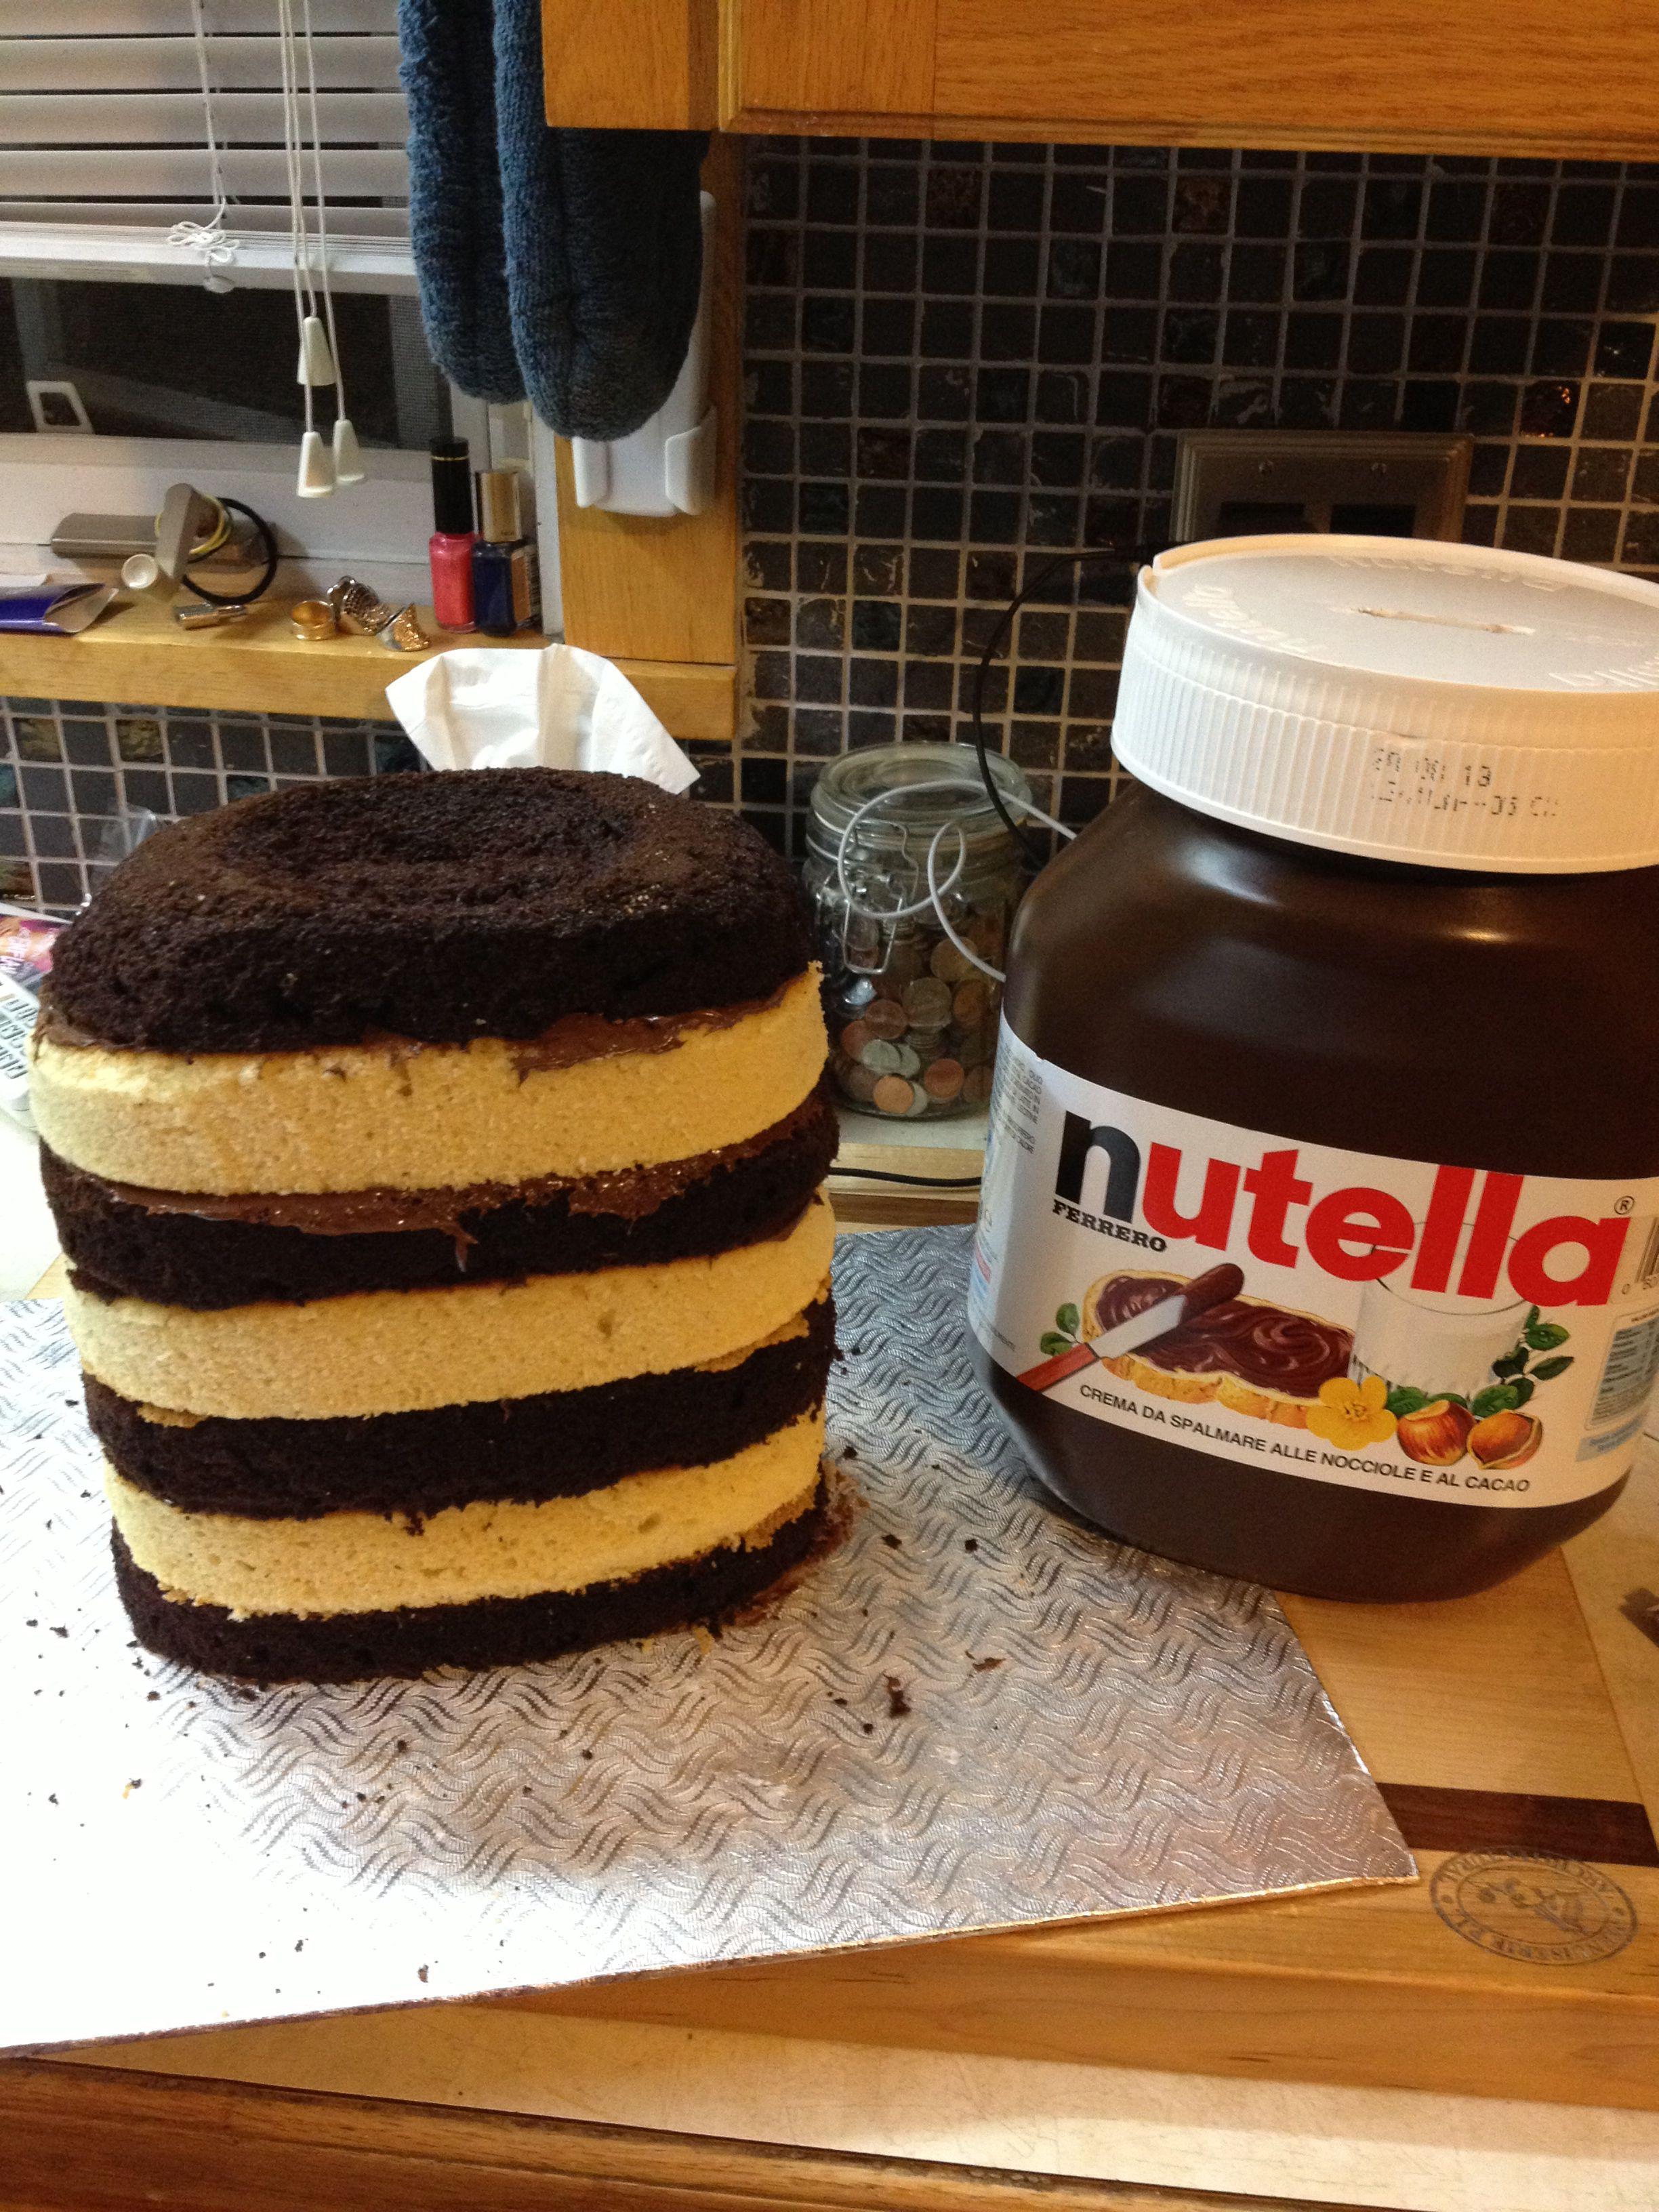 Gâteau nutella à l'intérieur Gateau au nutella, Nutella